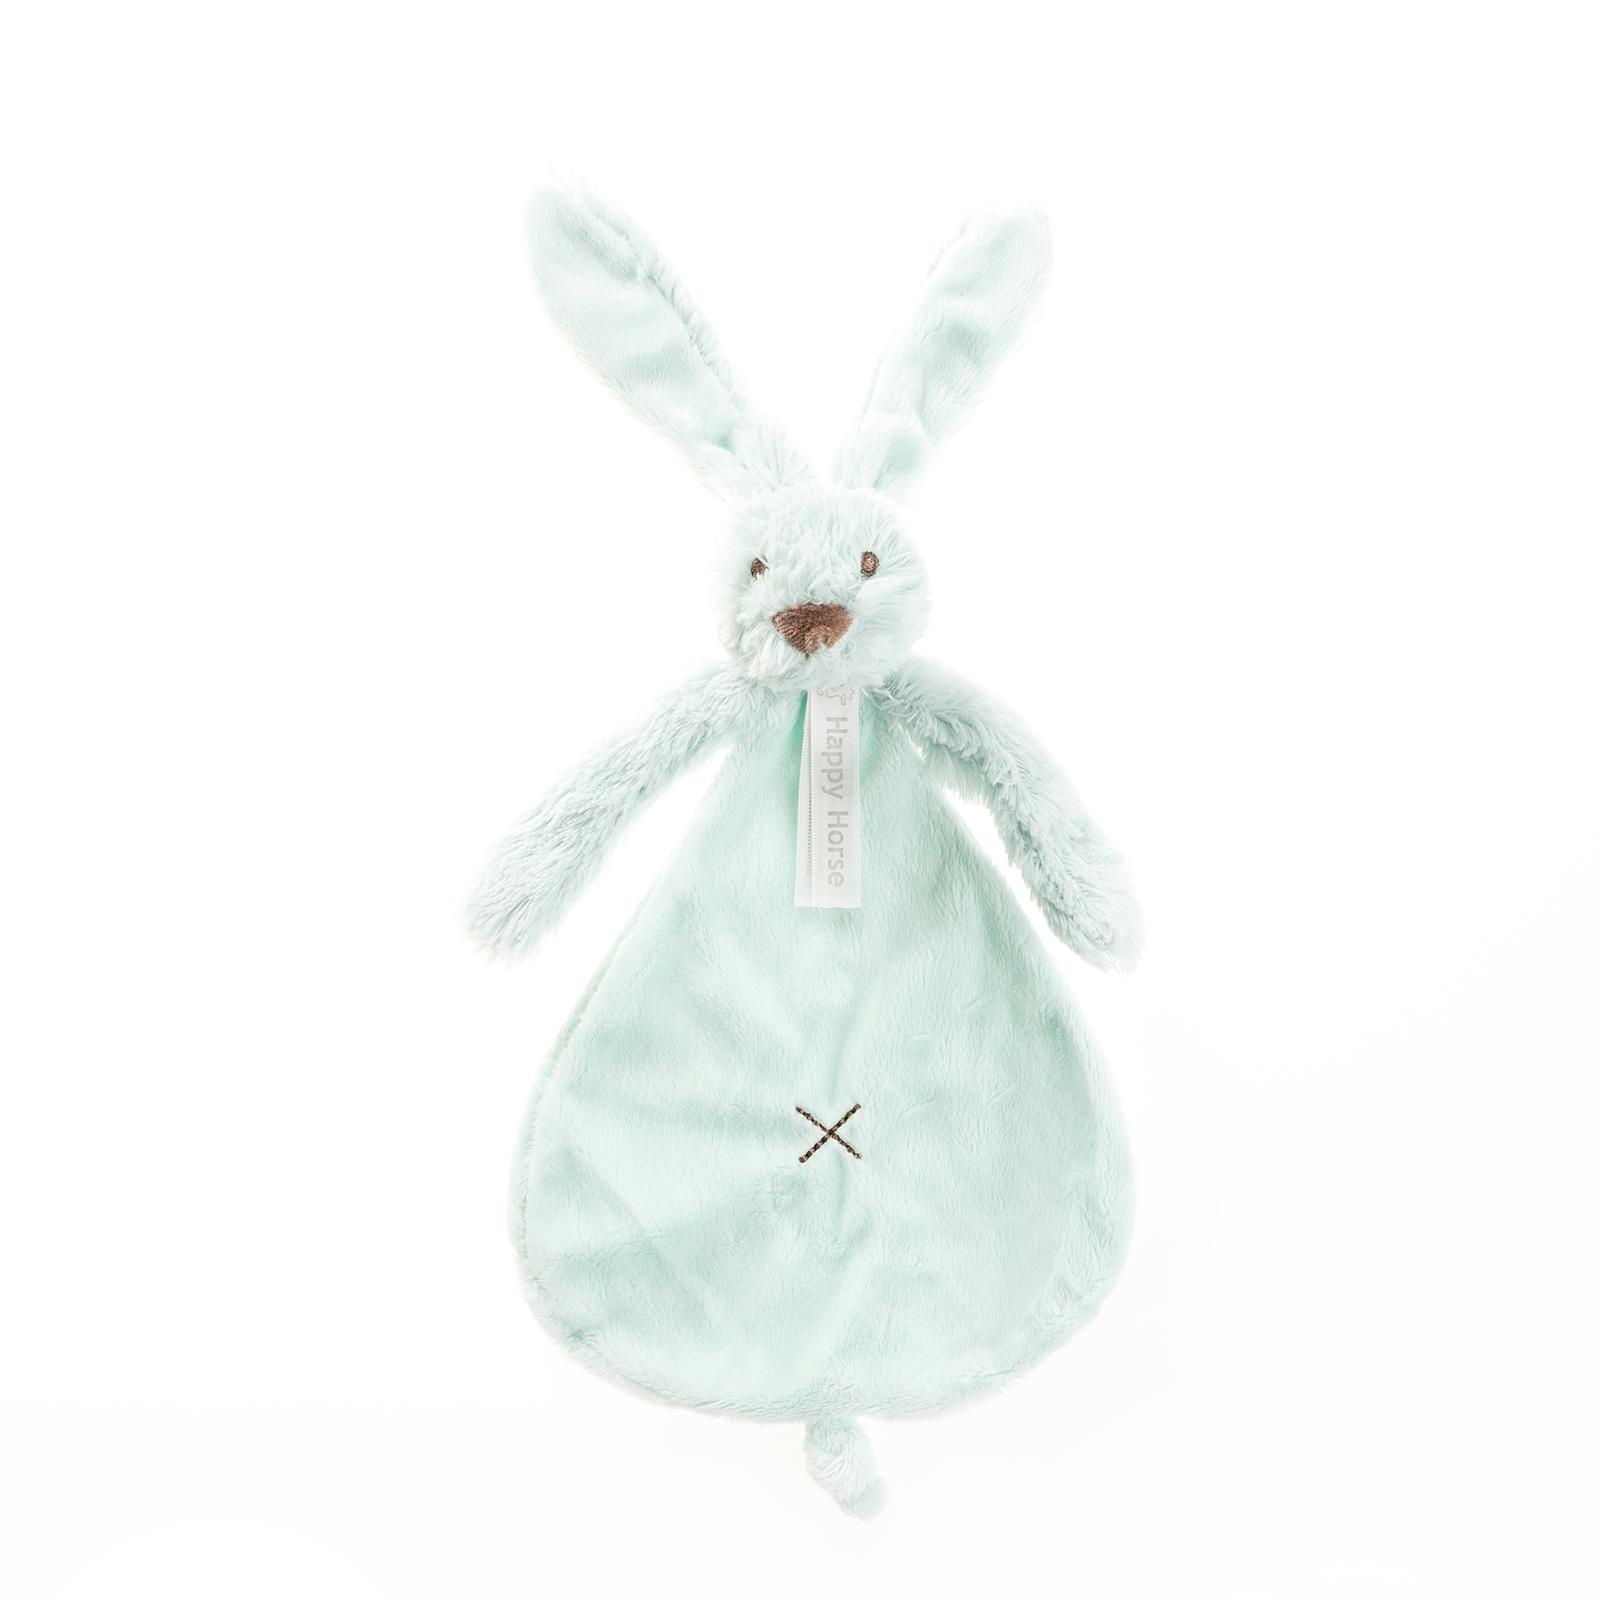 tutpop rabbit richie lagoon